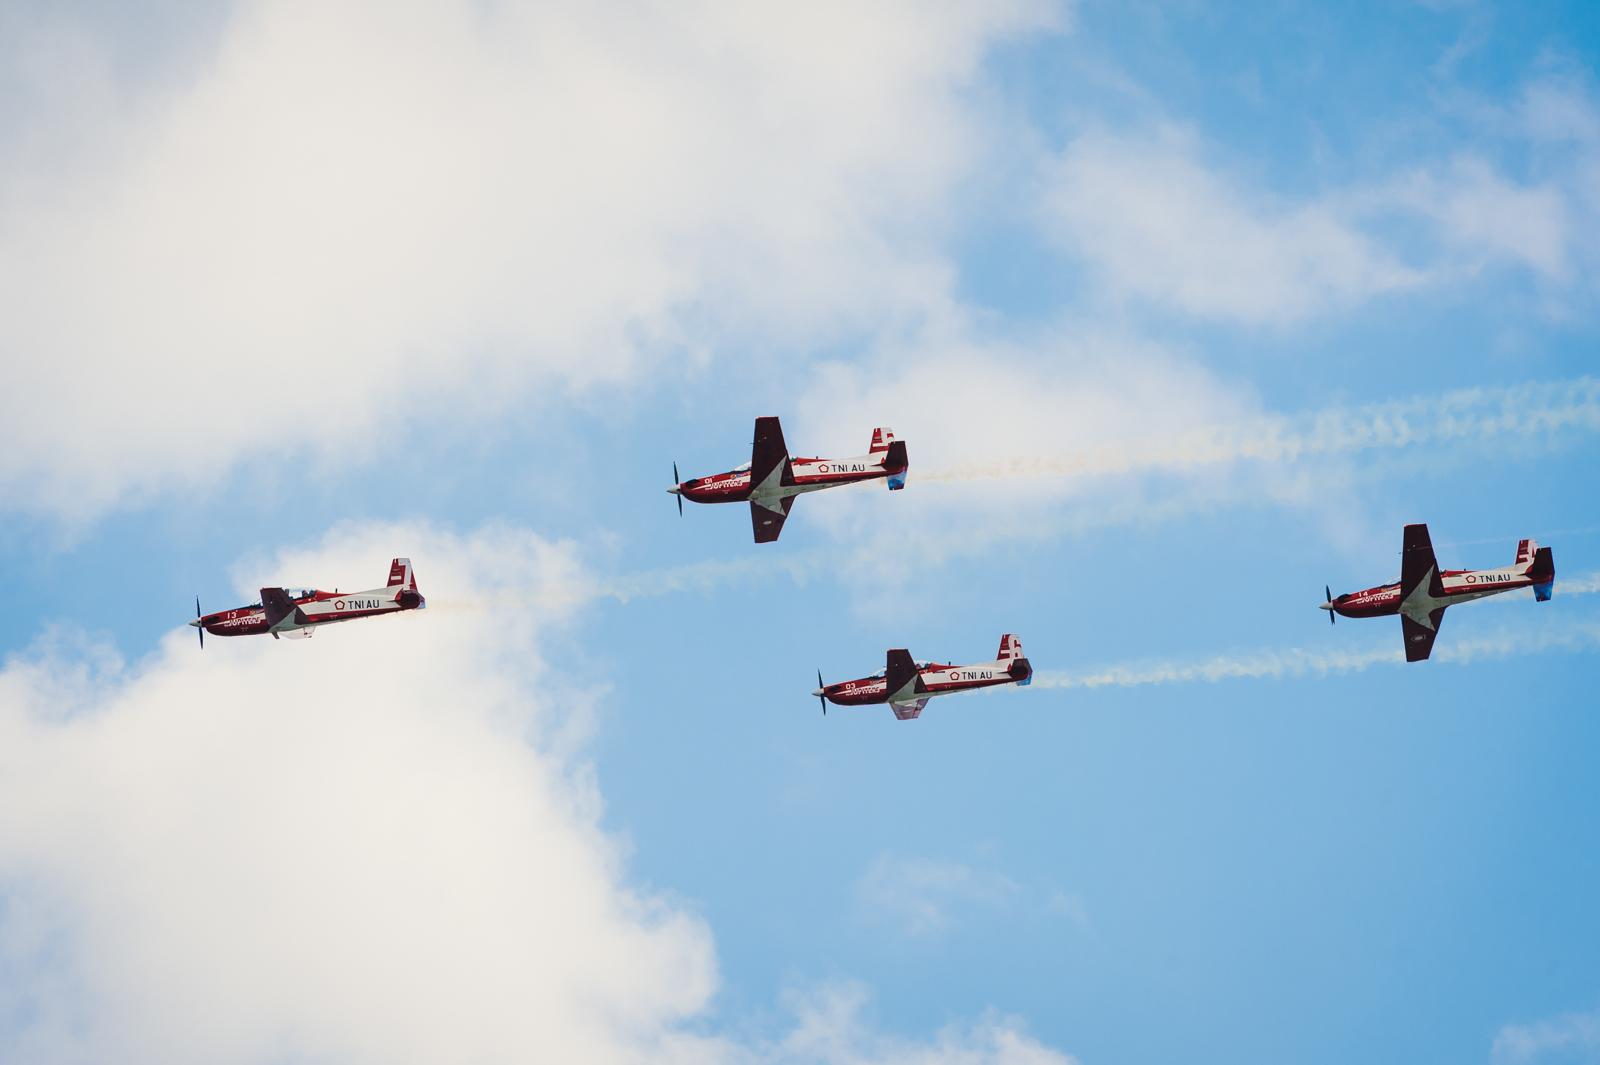 Singapore Airshow #75